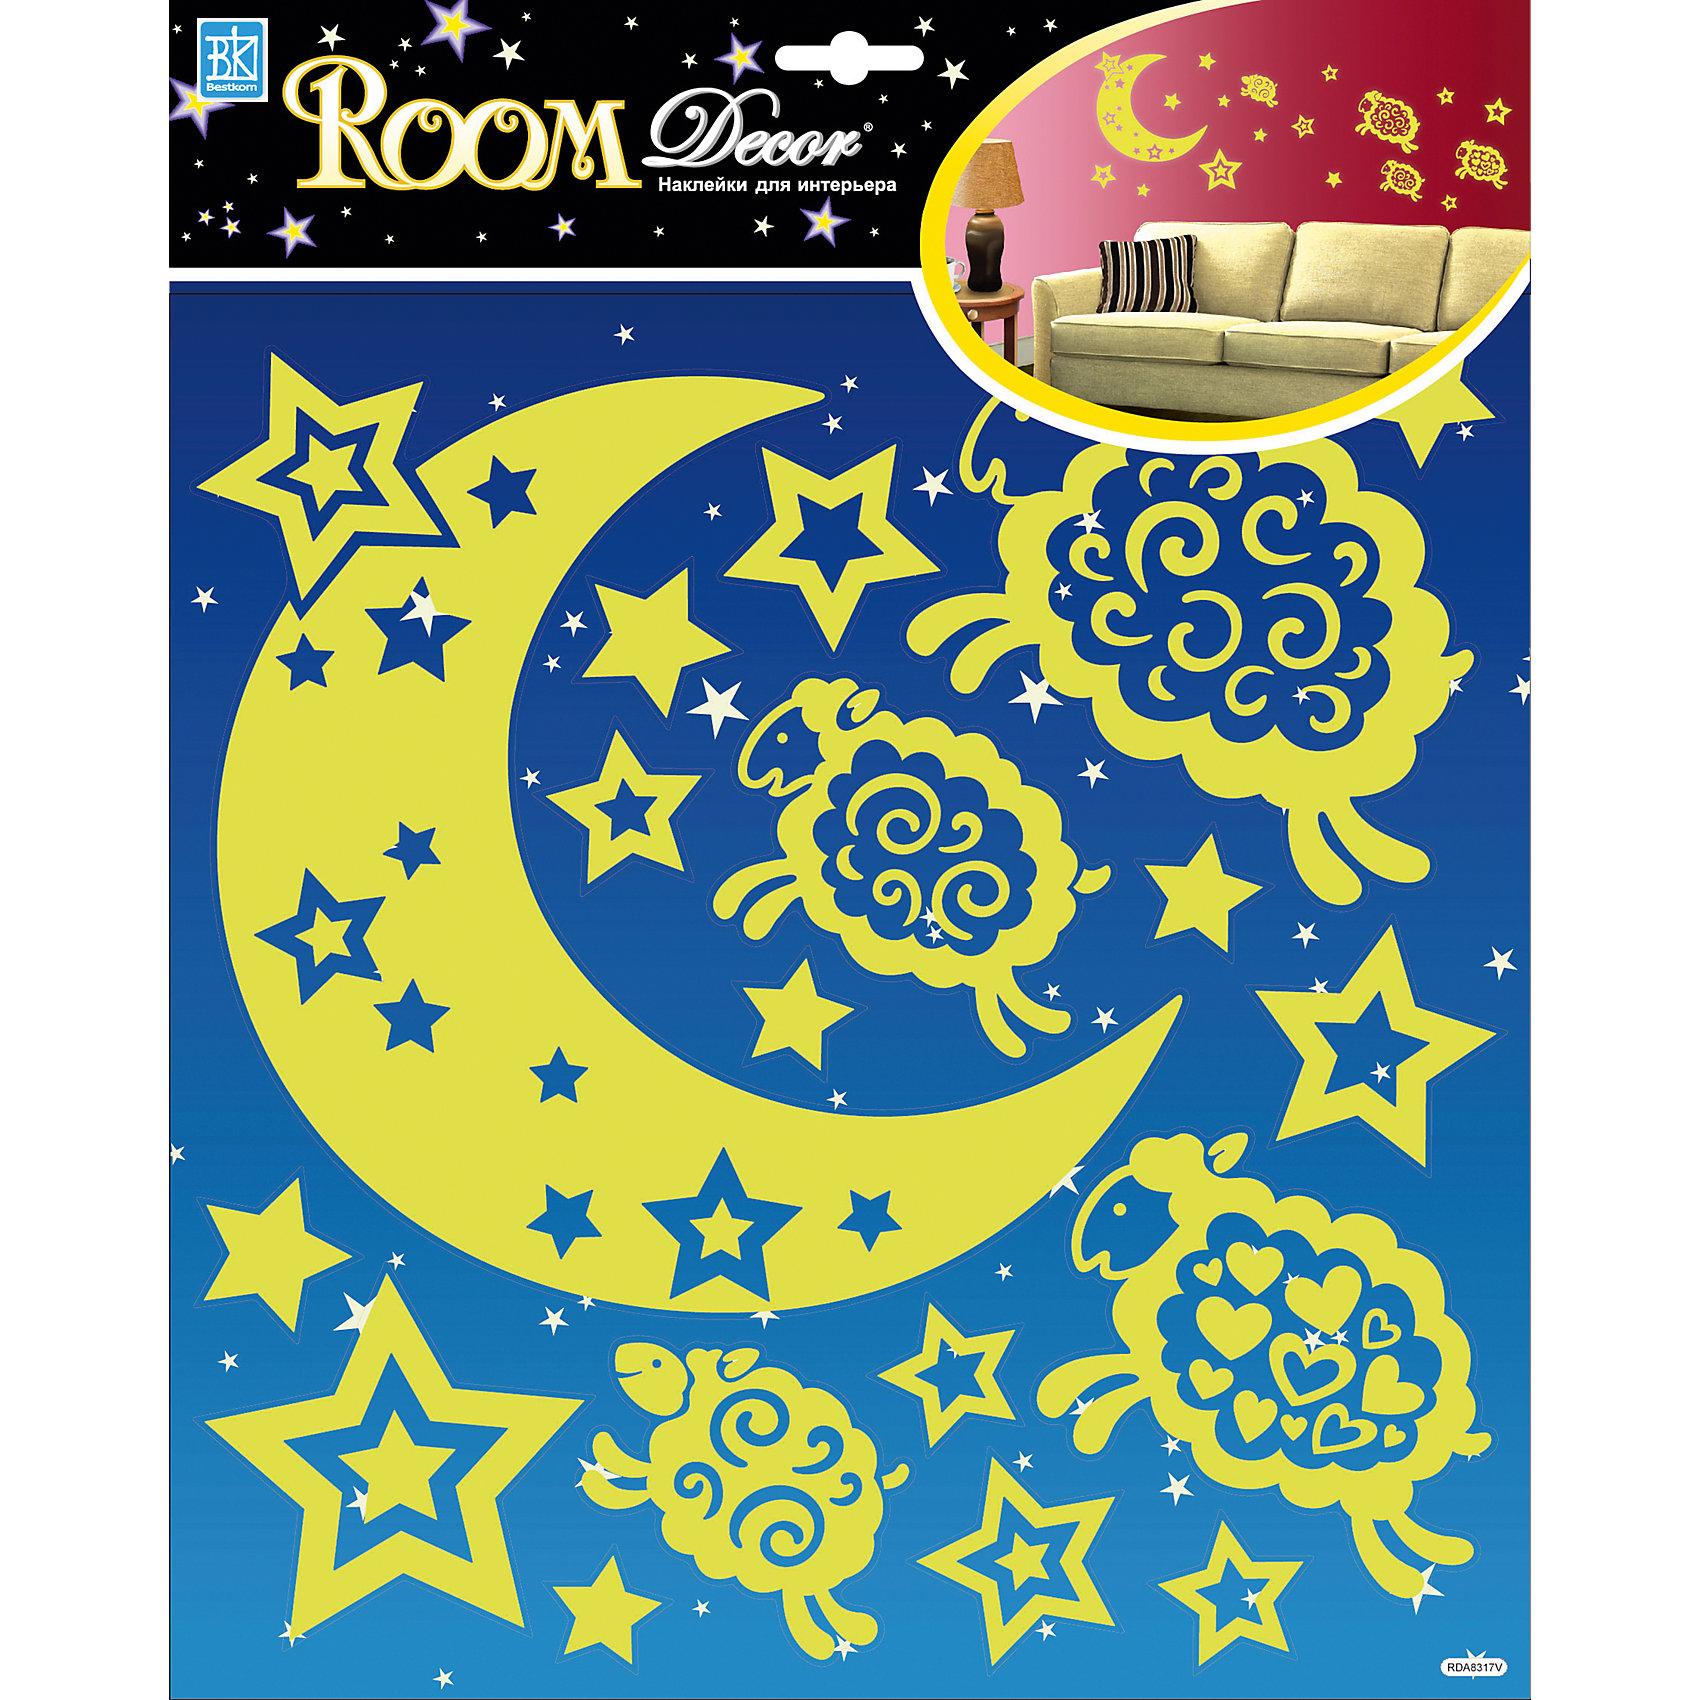 Наклейка Барашки светящиеся RDA8317, Room DecorПредметы интерьера<br>Характеристики:<br><br>• Предназначение: декор комнаты<br>• Тематика наклеек: барашки, звезды, месяц<br>• Материал: картон, ПВХ<br>• Комплектация: 18 элементов<br>• Светятся в темноте<br>• Клейкая поверхность крепится на окрашенные стены, обои, двери, деревянные панели, стекло<br>• Не повреждают поверхность<br>• Устойчивы к выцветанию и истиранию<br>• Повышенные влагостойкие свойства<br>• Размеры (Д*Ш*В): 30,5*7*30,5 см<br>• Вес: 40 г<br>• Упаковка: блистер<br><br>Все наклейки выполнены из безопасного и нетоксичного материала – ПВХ. Прочная клеевая основа обеспечивает надежное прикрепление практически к любому виду горизонтальной или вертикальной поверхности, при этом не деформируя и не повреждая ее. Наклейки обладают влагоустойчивыми свойствами, поэтому они хорошо переносят влажную уборку. <br><br>Наклейка Барашки светящиеся RDA8317, Room Decor состоит из набора, в который входят 18 элементов с изображением милых барашков в окружении россыпи звезд. <br><br>Наклейку Барашки светящиеся RDA8317, Room Decor можно купить в нашем интернет-магазине.<br><br>Ширина мм: 305<br>Глубина мм: 70<br>Высота мм: 305<br>Вес г: 40<br>Возраст от месяцев: 36<br>Возраст до месяцев: 168<br>Пол: Унисекс<br>Возраст: Детский<br>SKU: 5513032